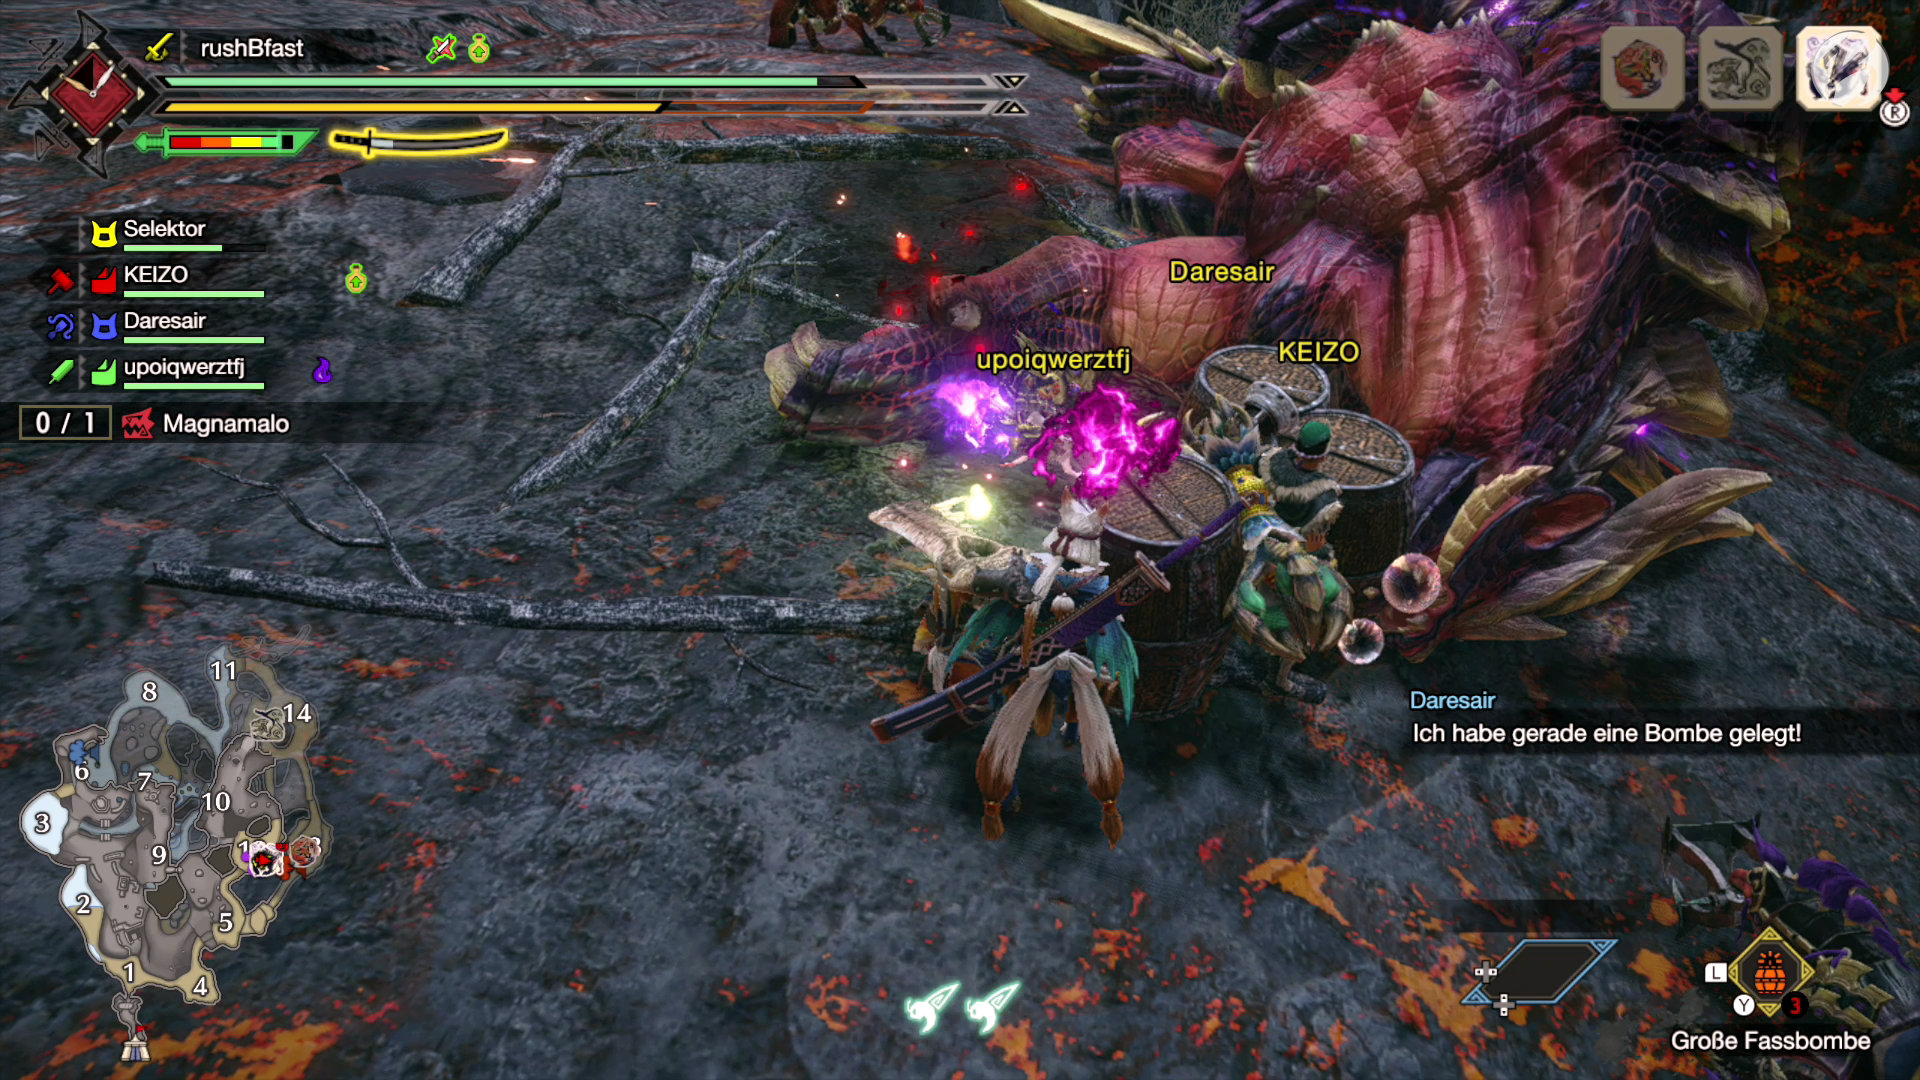 Monster Hunter Rise - Profitipp: Schlafmunition und große Fassbomben können sehr effektiv sein!